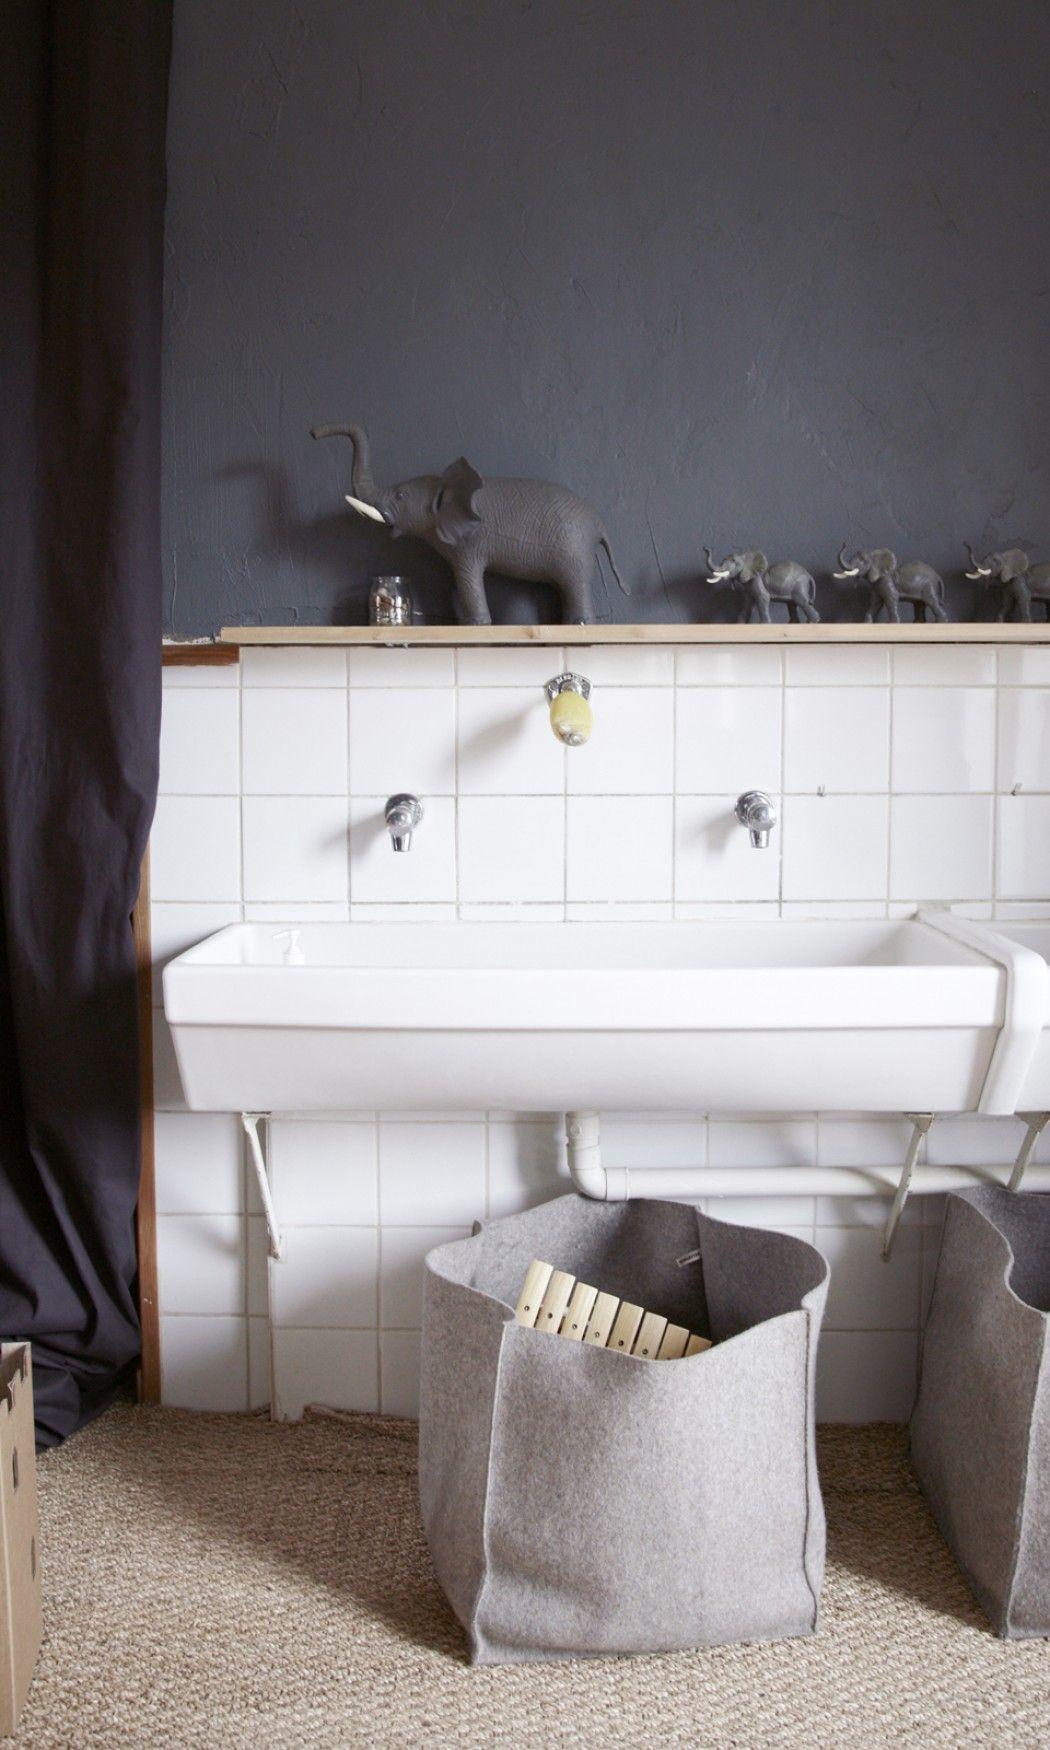 aur lie lecuyer et jean christophe gustave 6 ans et honor 3 ans salles de bains pinterest. Black Bedroom Furniture Sets. Home Design Ideas